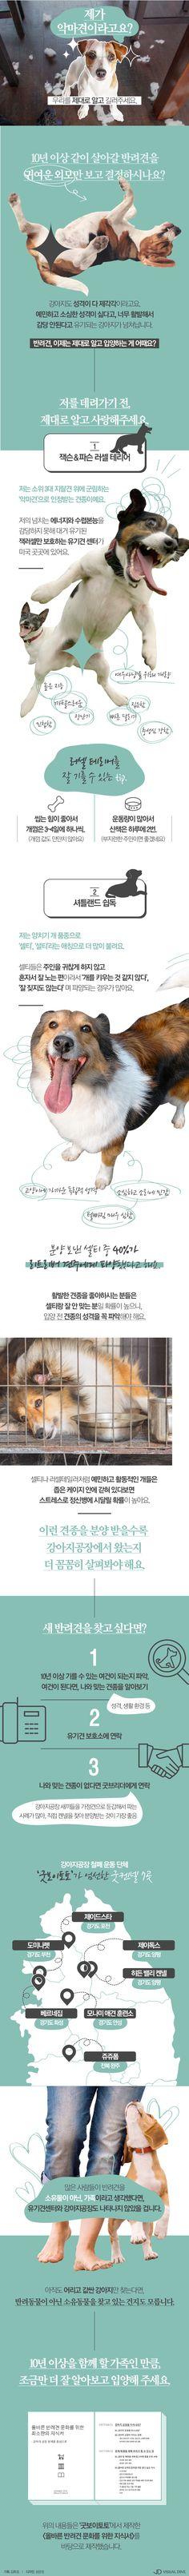 반려견, 제대로 알고 길러주세요 [인포그래픽] #pet / #Infographic ⓒ 비주얼다이브 무단 복사·전재·재배포 금지 Ppt Design, Event Design, Graphic Design, Pop Up Banner, Event Page, Sustainable Design, Exotic Pets, Animal Design, Design Reference